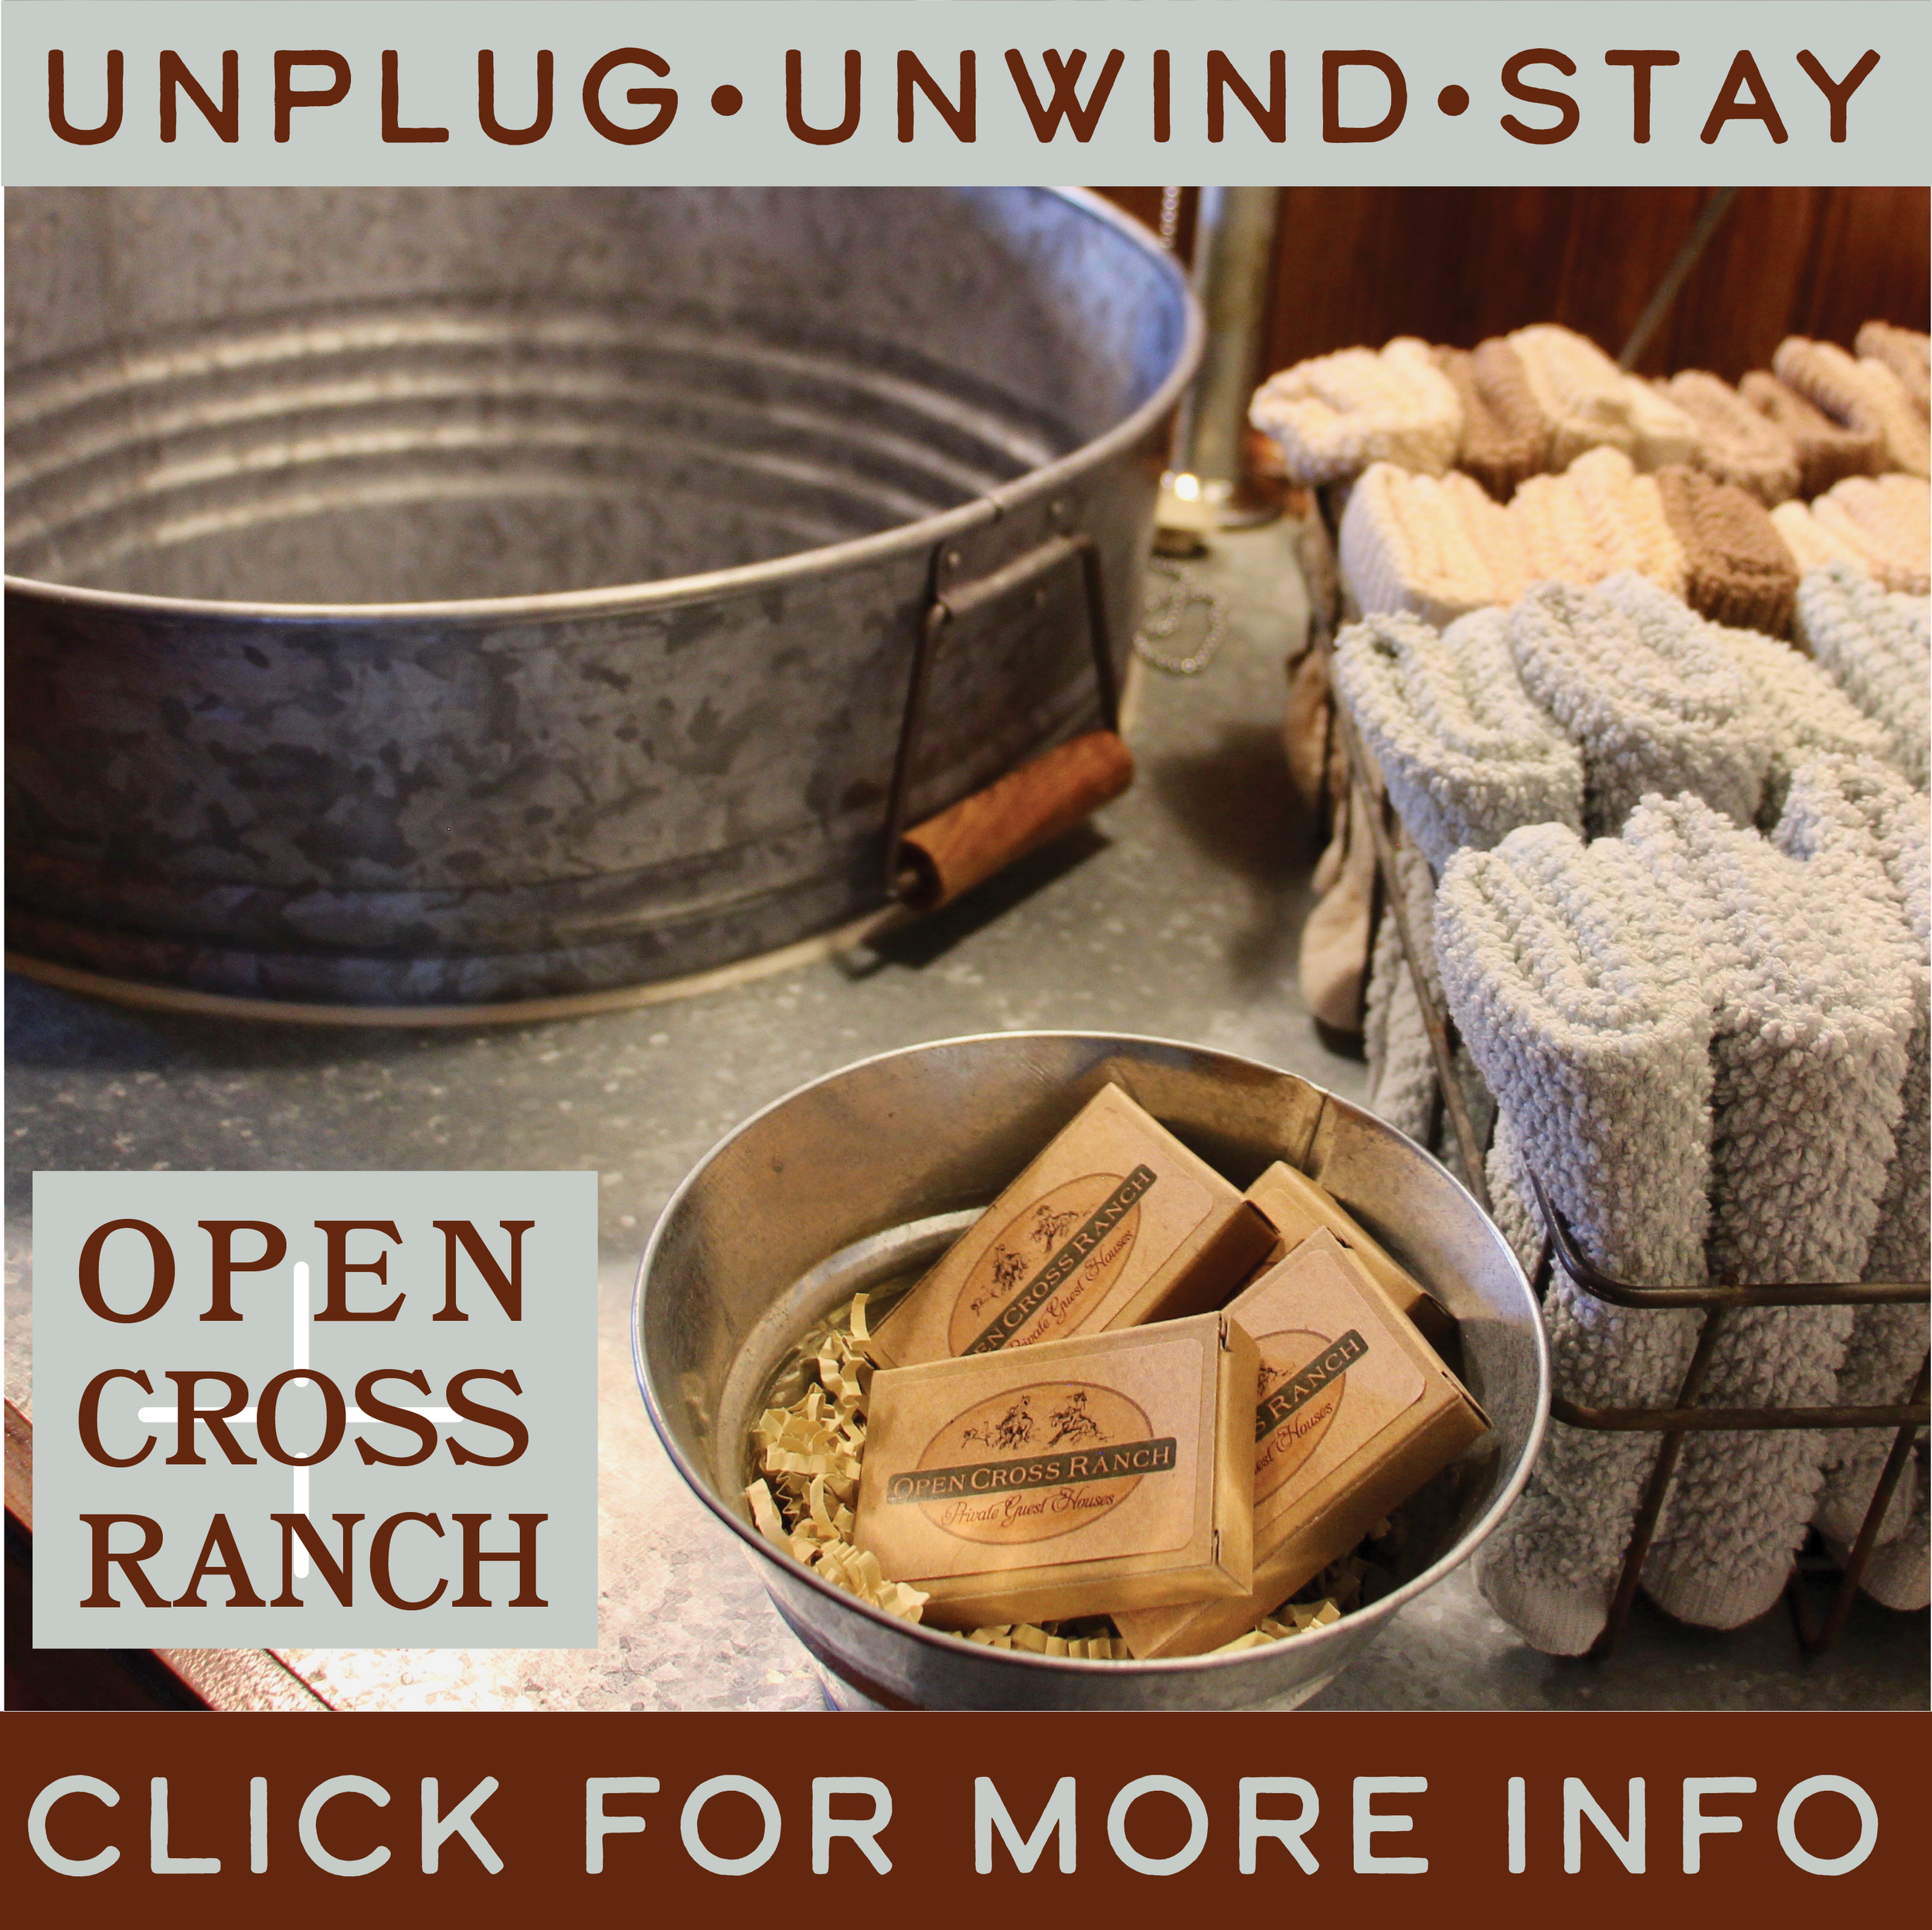 Open Cross Ranch: 520-455-4603